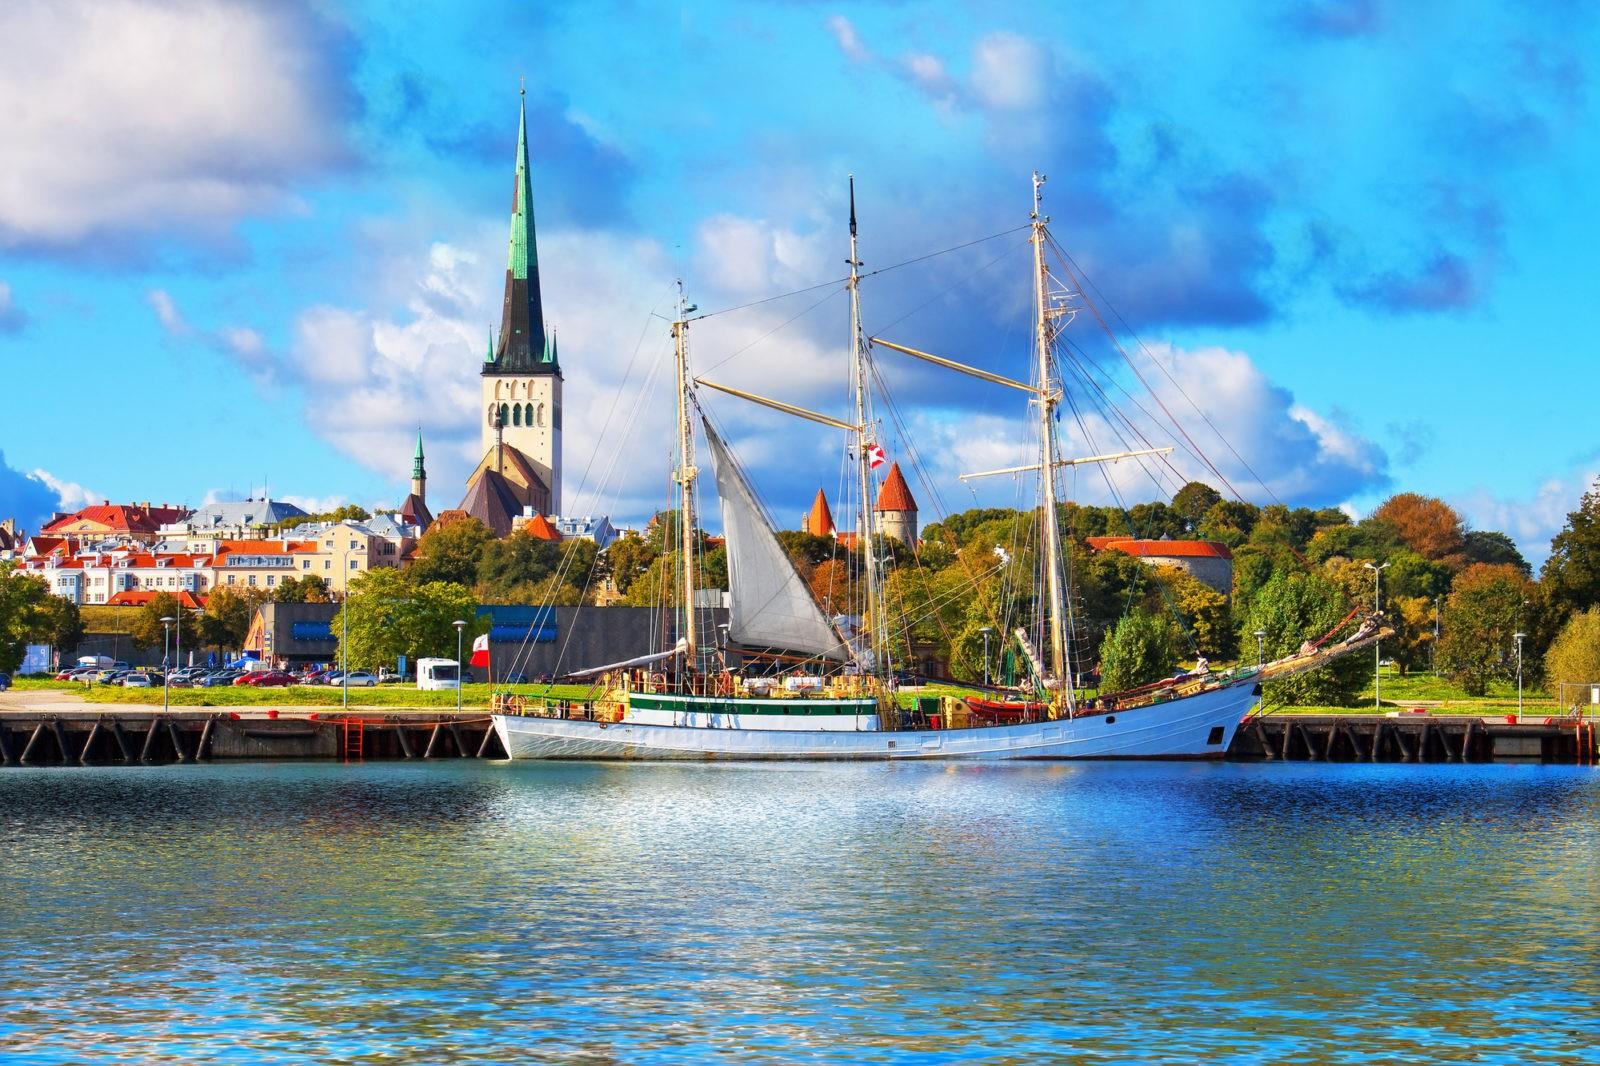 Получение визы в Эстонию в Санкт-Петербурге